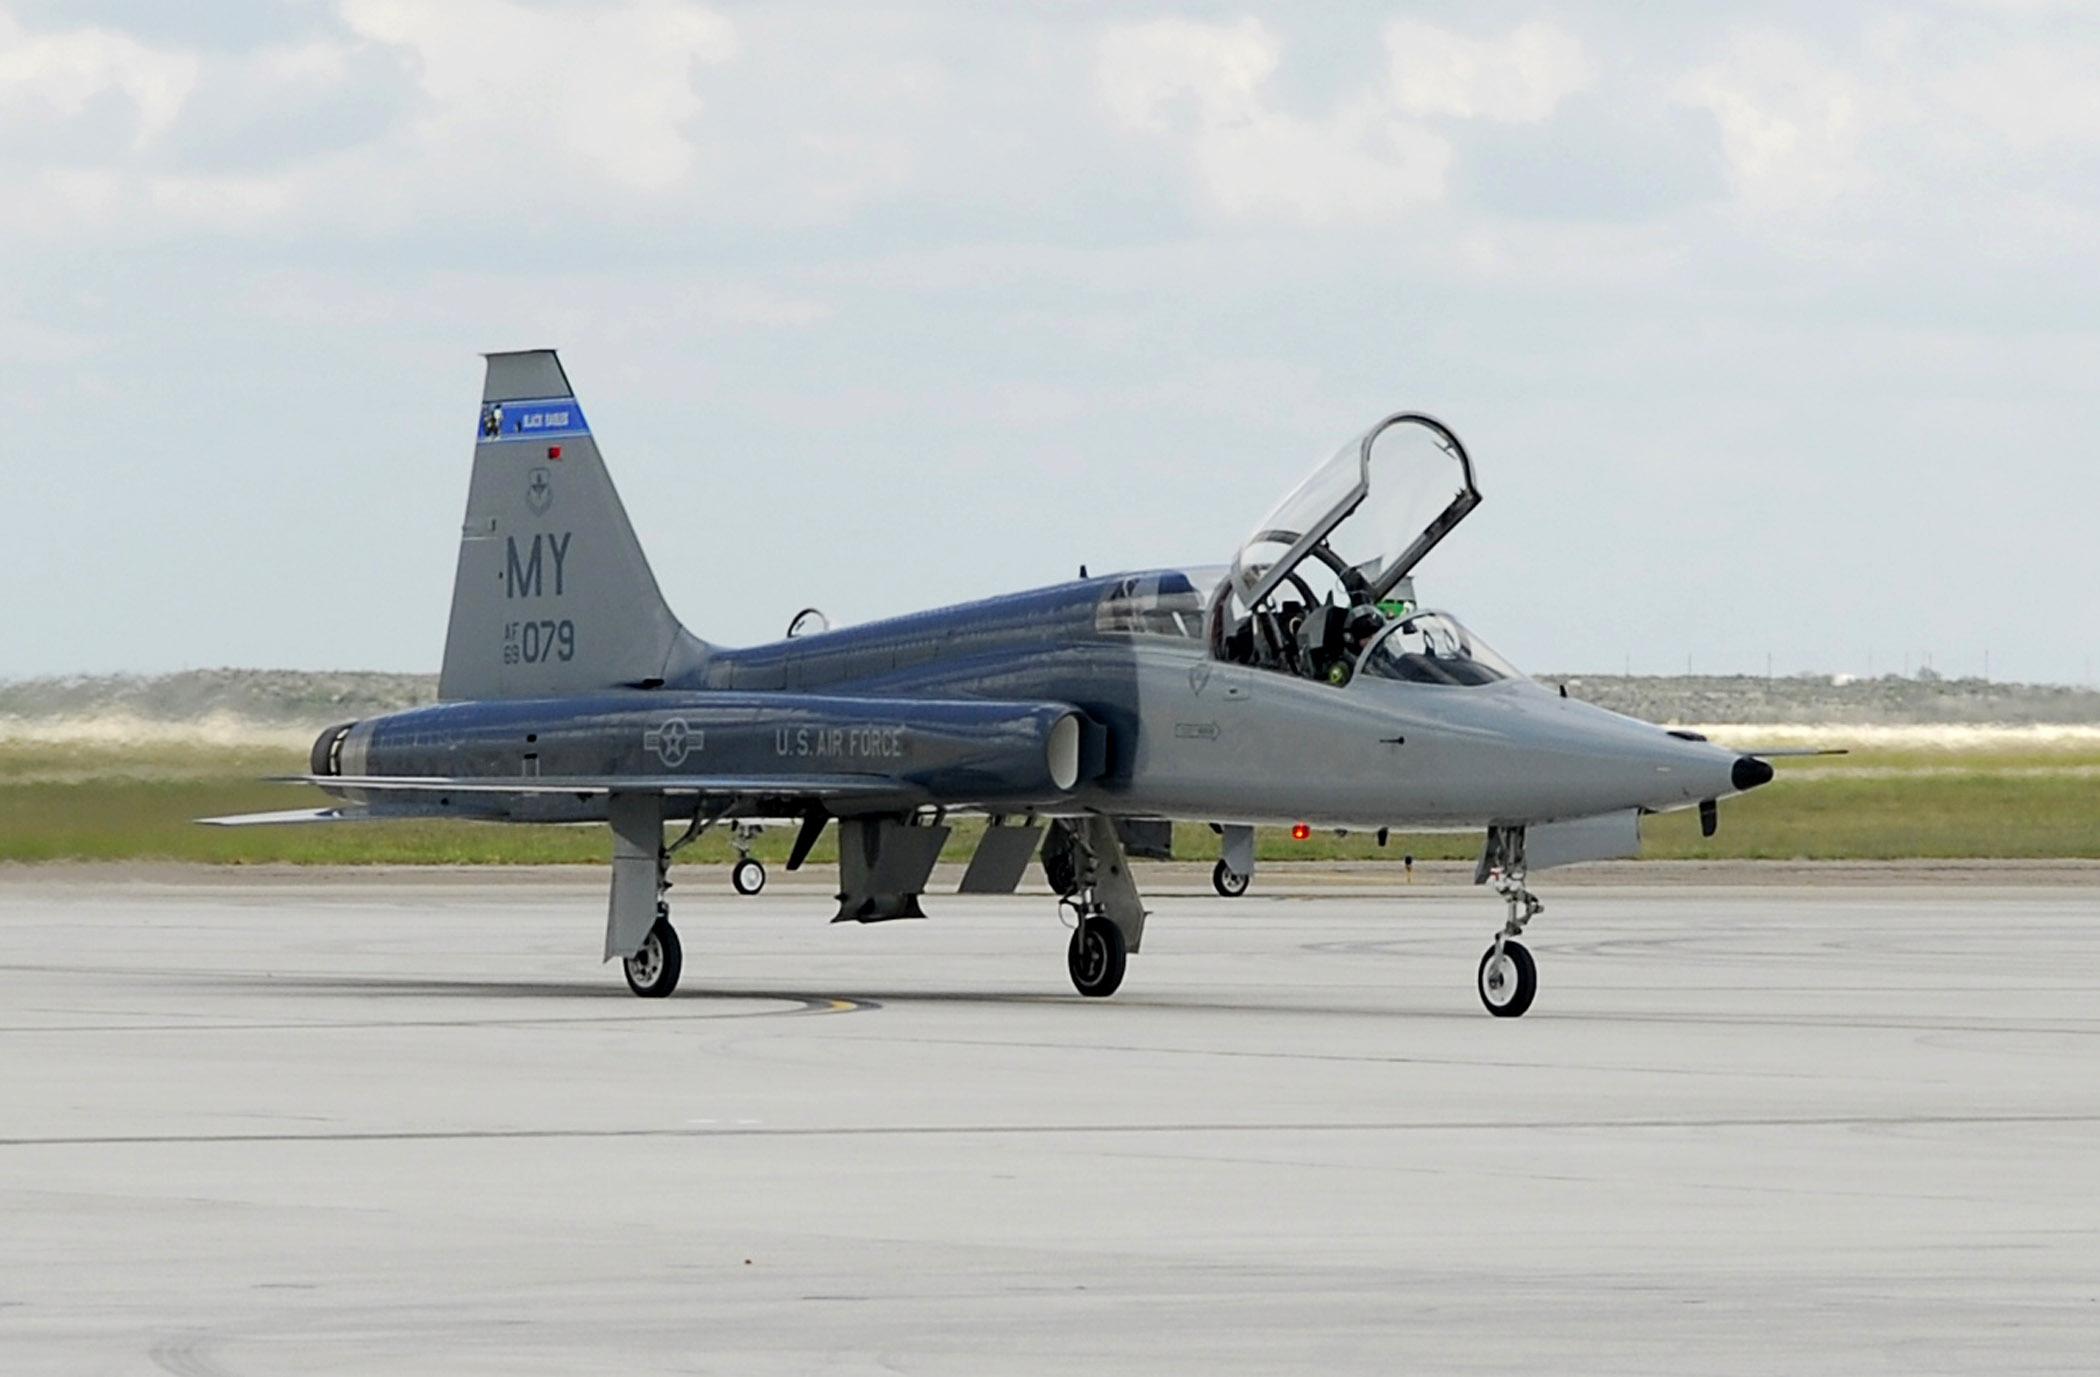 T-38 Talon Laughlin AFB, Del Rio, TX | T-38 Talon from Laugh… | Flickr